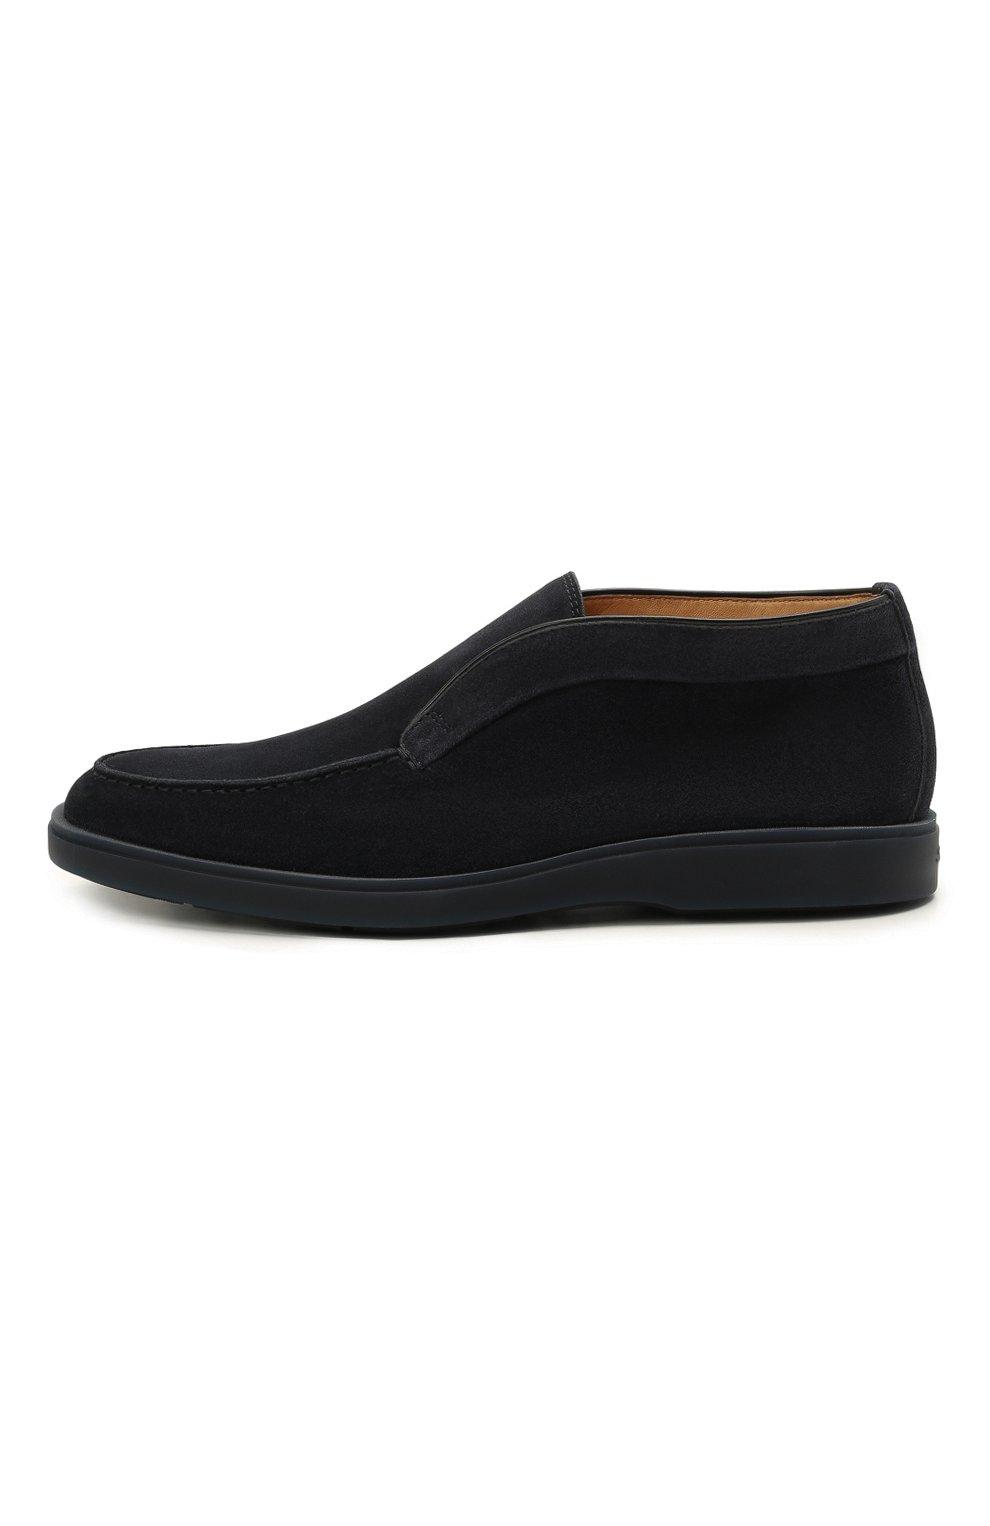 Мужские замшевые ботинки SANTONI темно-синего цвета, арт. MGDG1782300TESVUU60 | Фото 3 (Мужское Кросс-КТ: Ботинки-обувь; Материал внутренний: Натуральная кожа; Подошва: Плоская; Материал внешний: Замша)